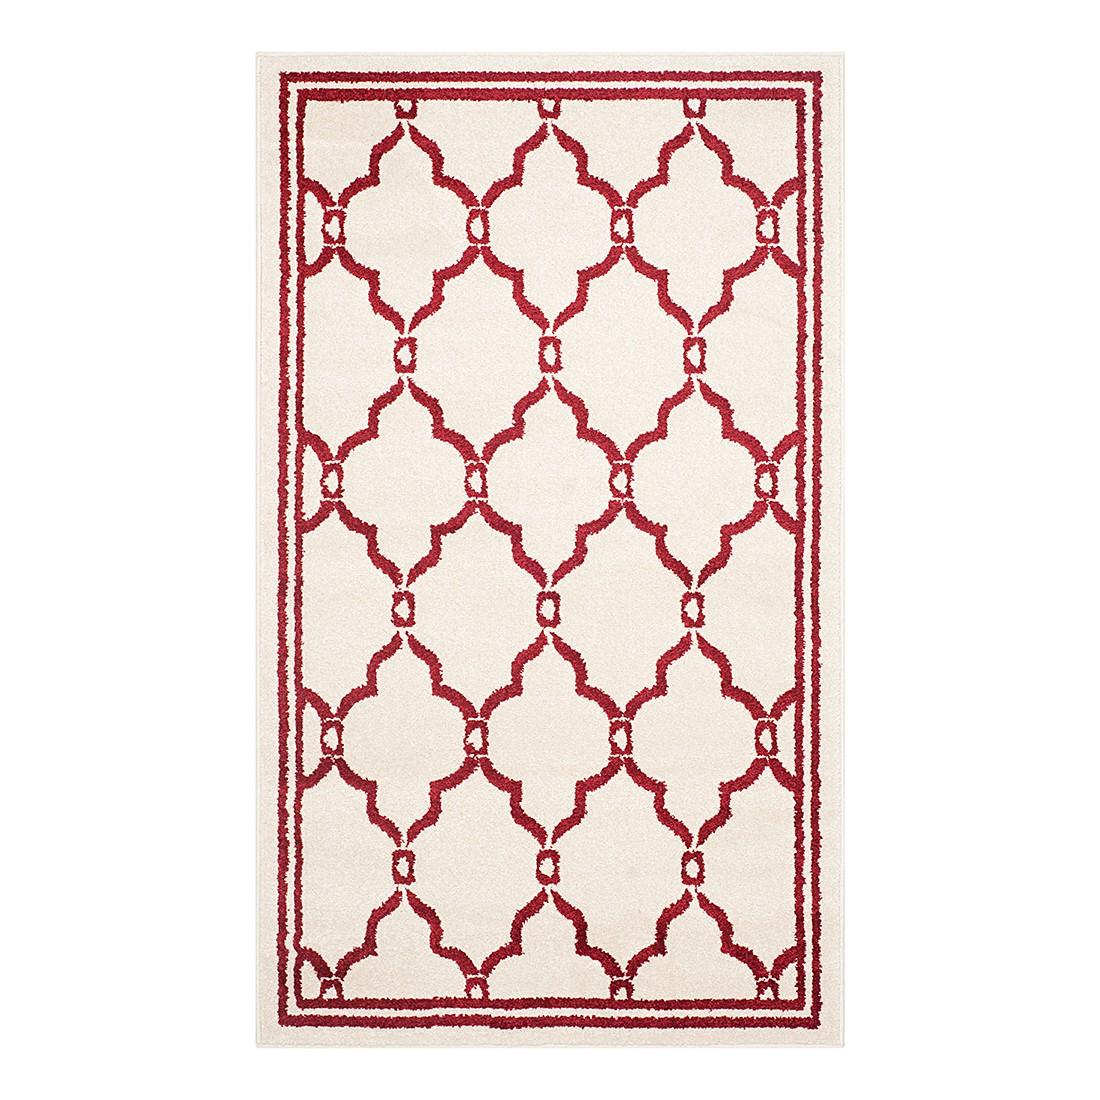 In-/Outdoorteppich La Pelosa – Creme/Rot – Maße: 76 x 121 cm, Safavieh günstig online kaufen